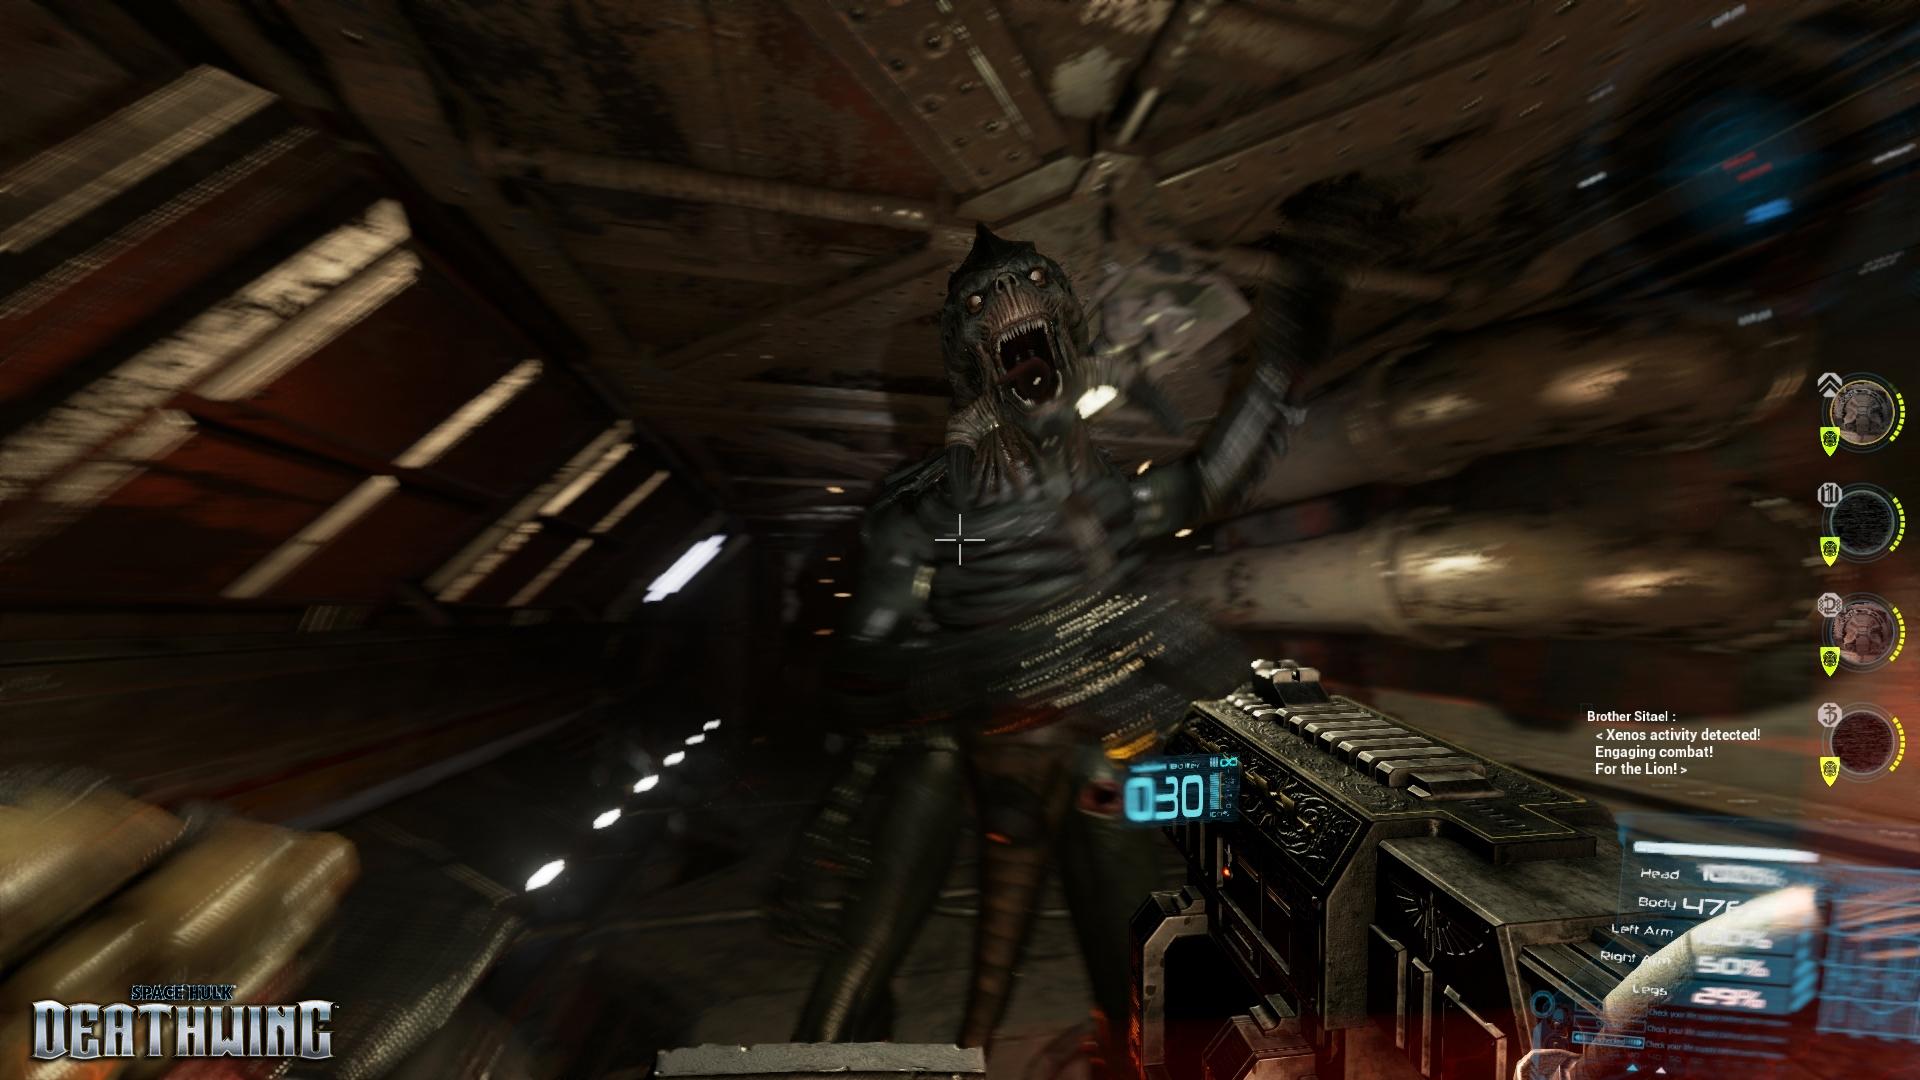 Obrázky ze Space Hulk: Deathwing a Battlefleet Gothic: Armada 109771